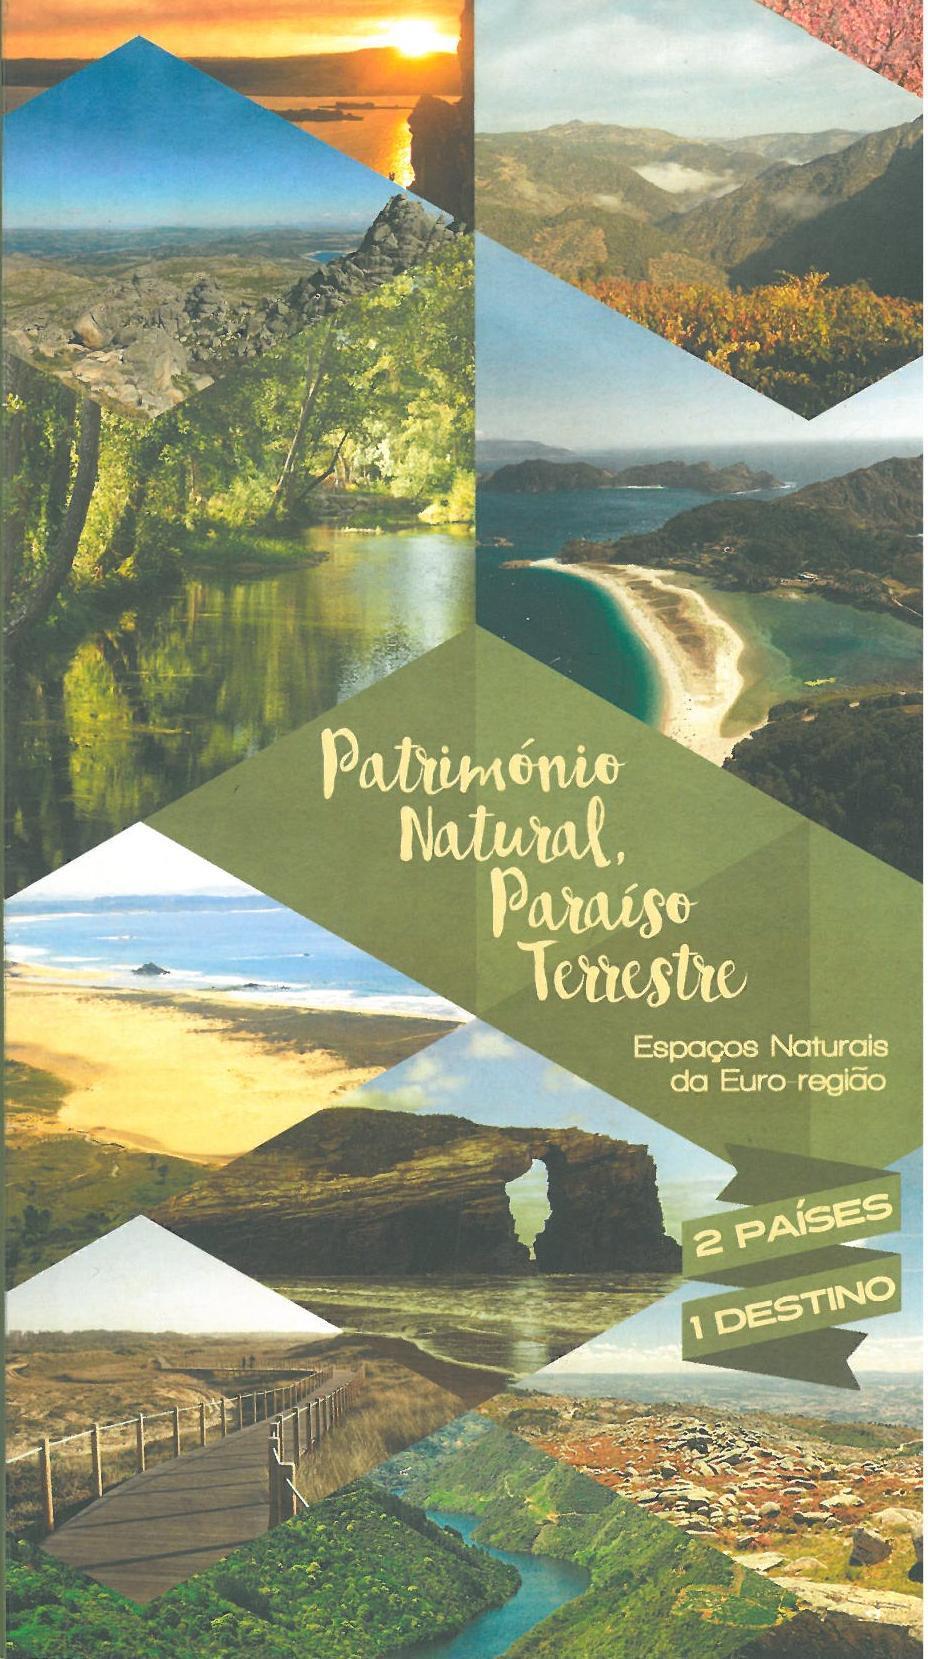 Património natural, paraíso terrestre_.jpg